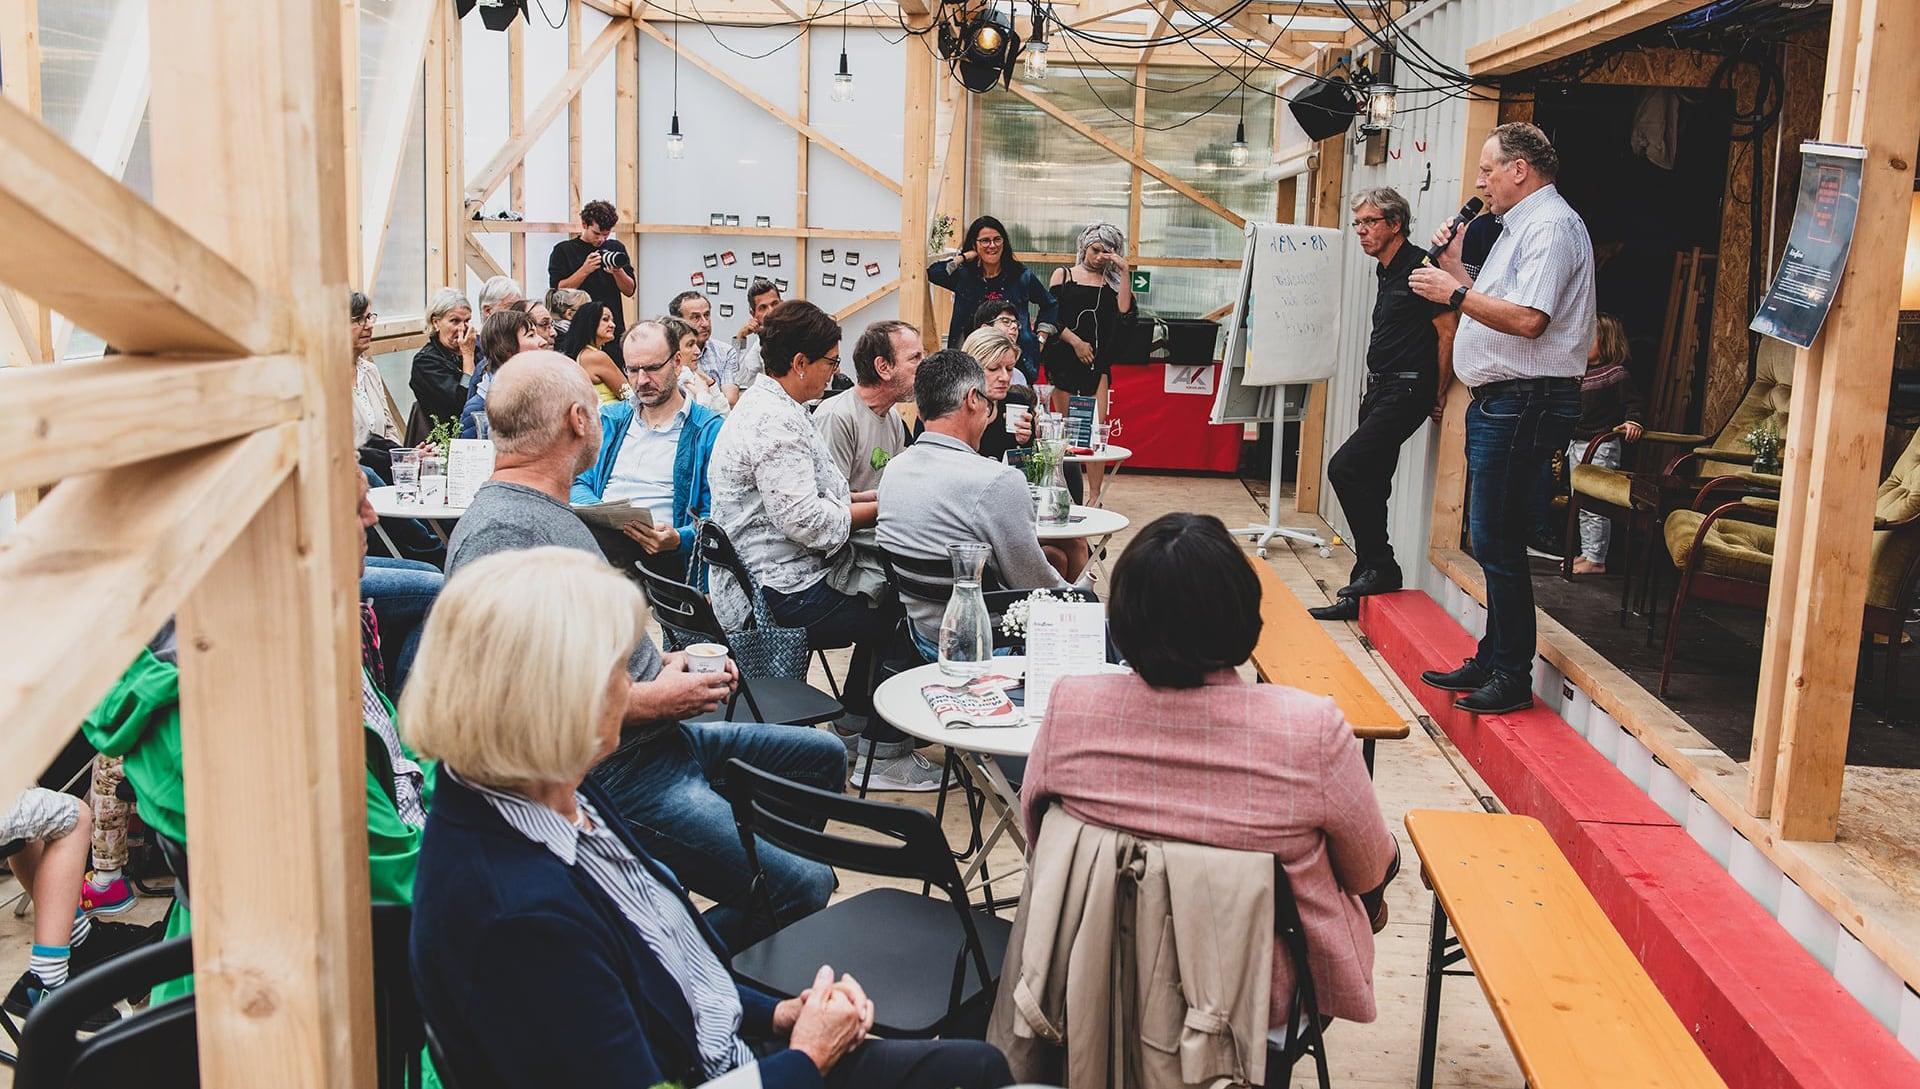 AK Präsident Hubert Hämmerle spricht zum interessierten Publikum im mobilen Schaffarei Gebäude.